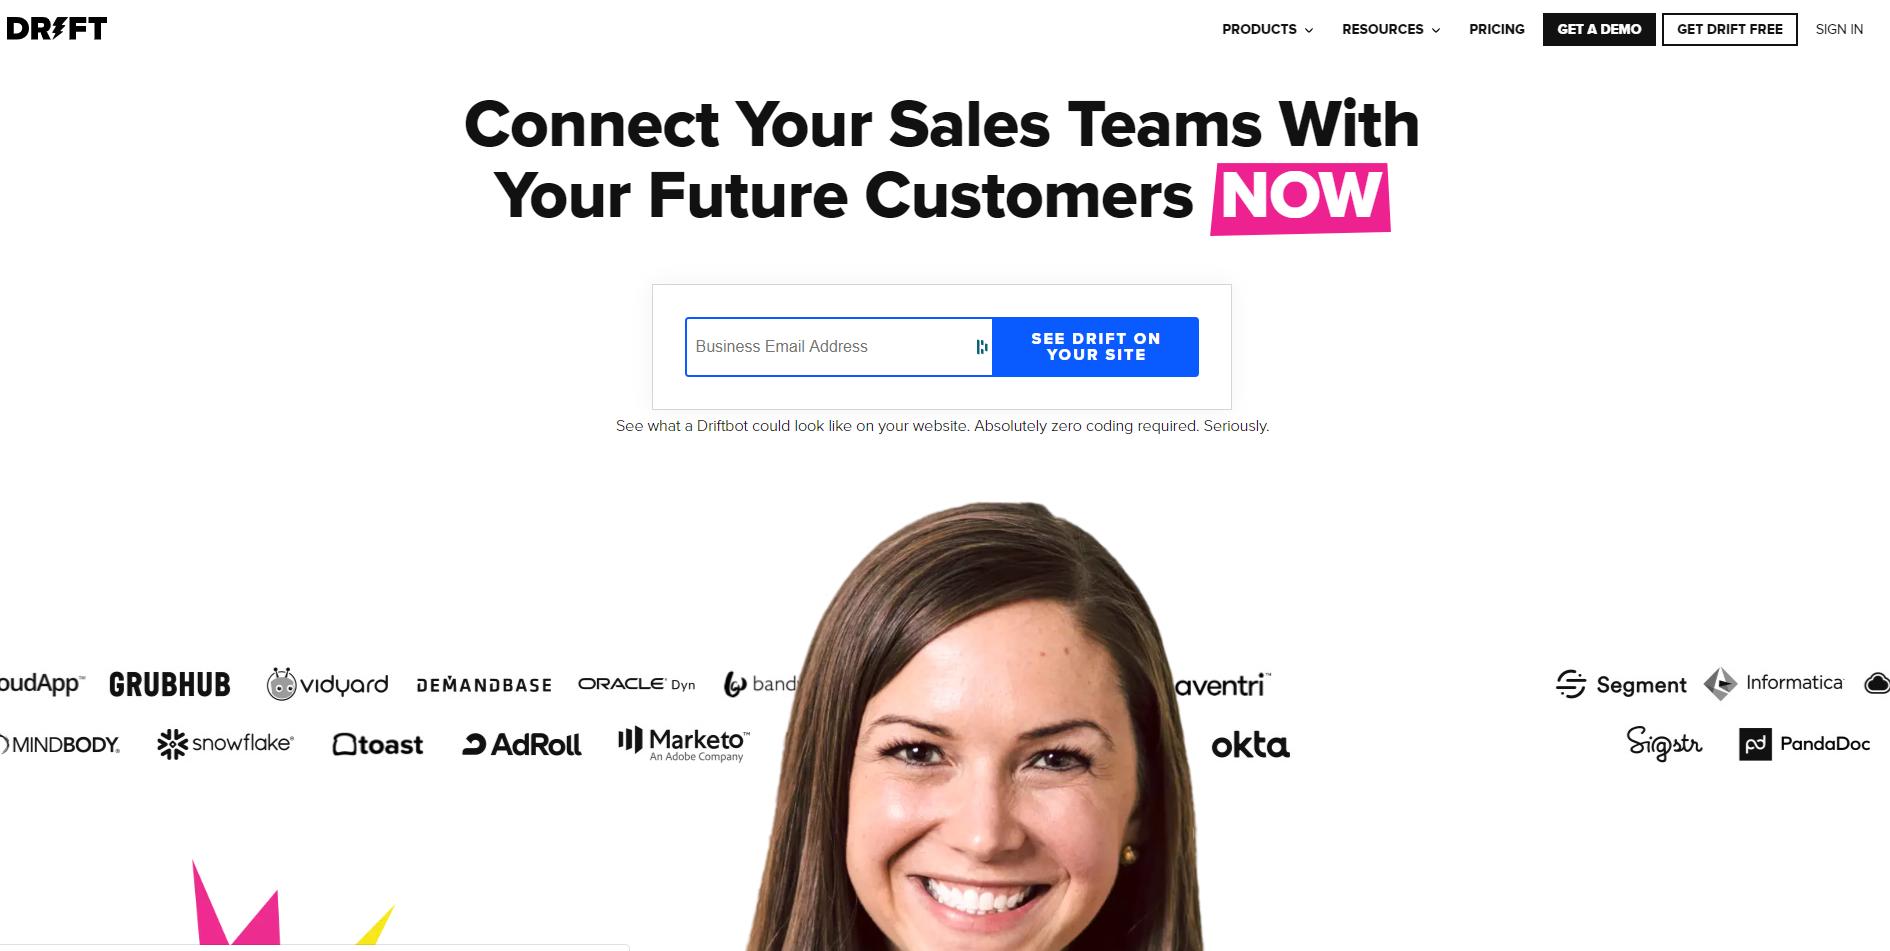 best enterprise chat software - Drift